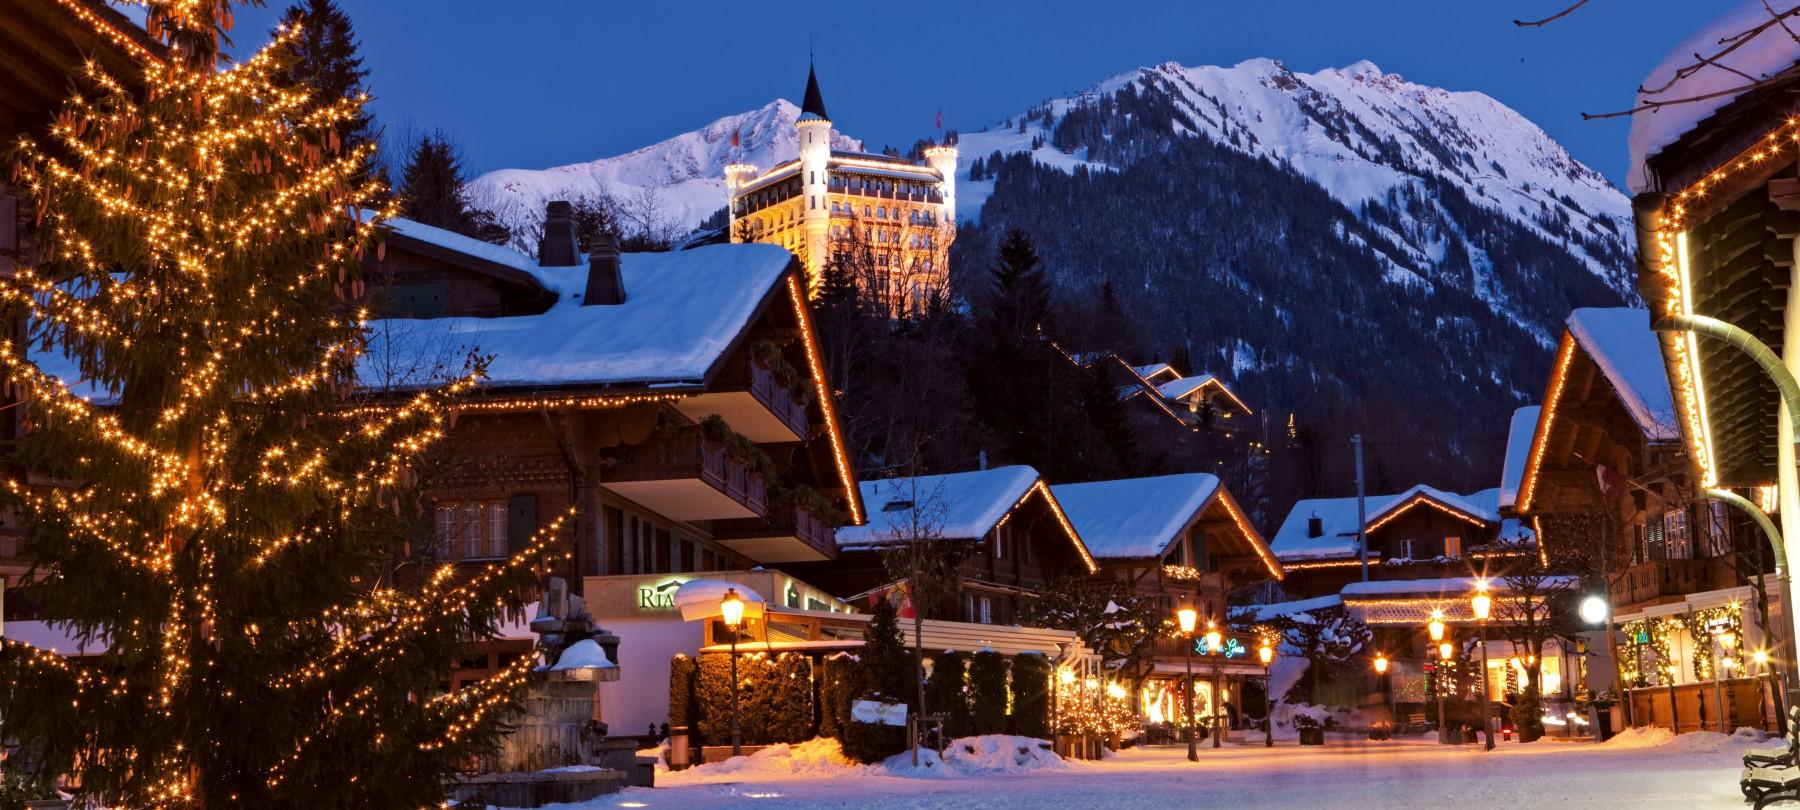 svajcarska tura putovanje za novu godinu cene